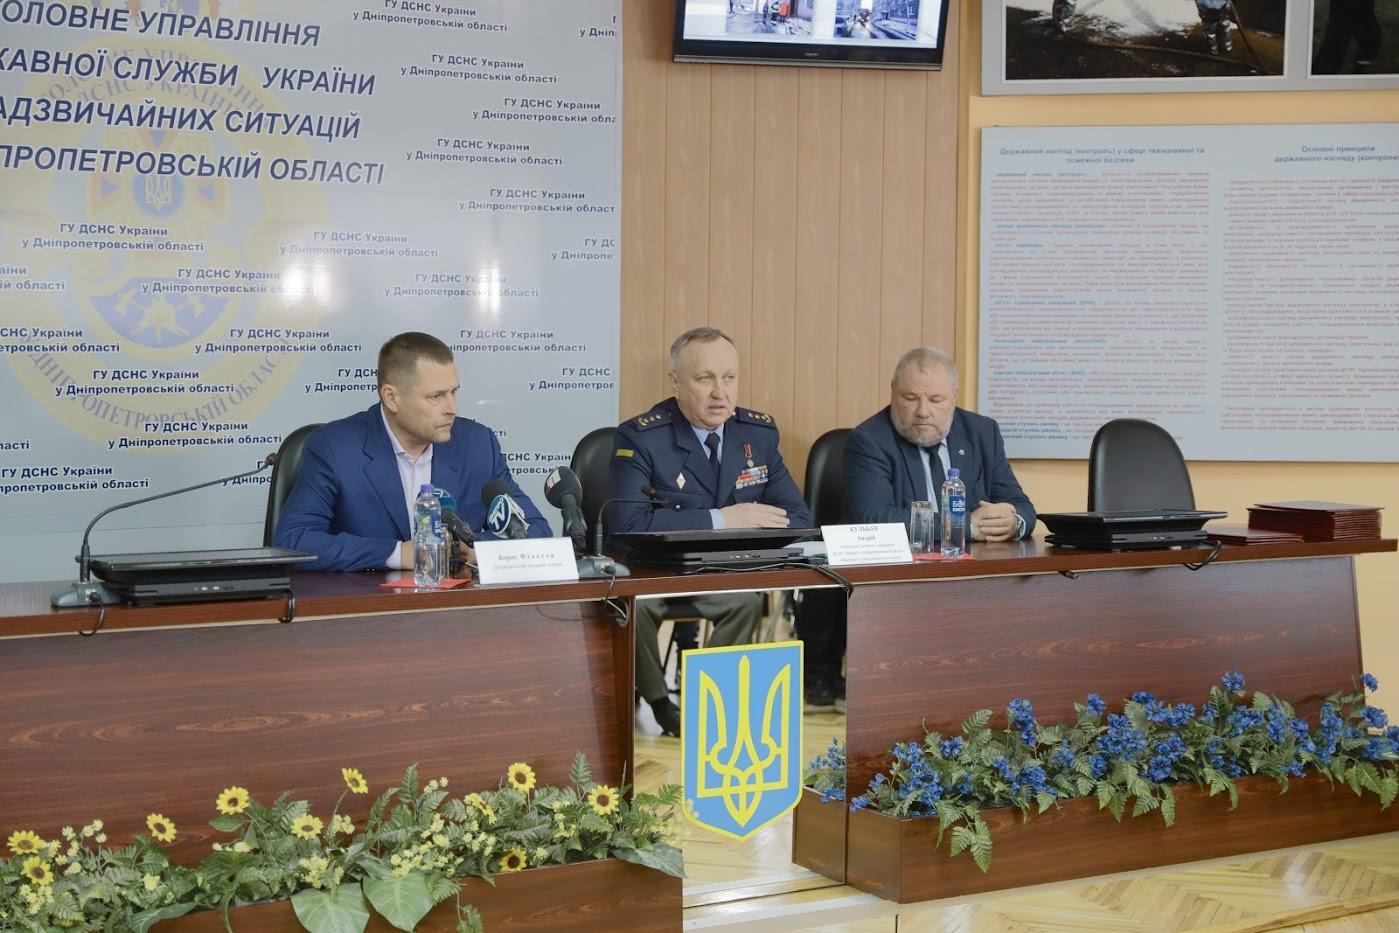 Борис Филатов: пожарные, которые потушили пожар на Слобожанском проспекте, получат денежные премии из фонда мэра